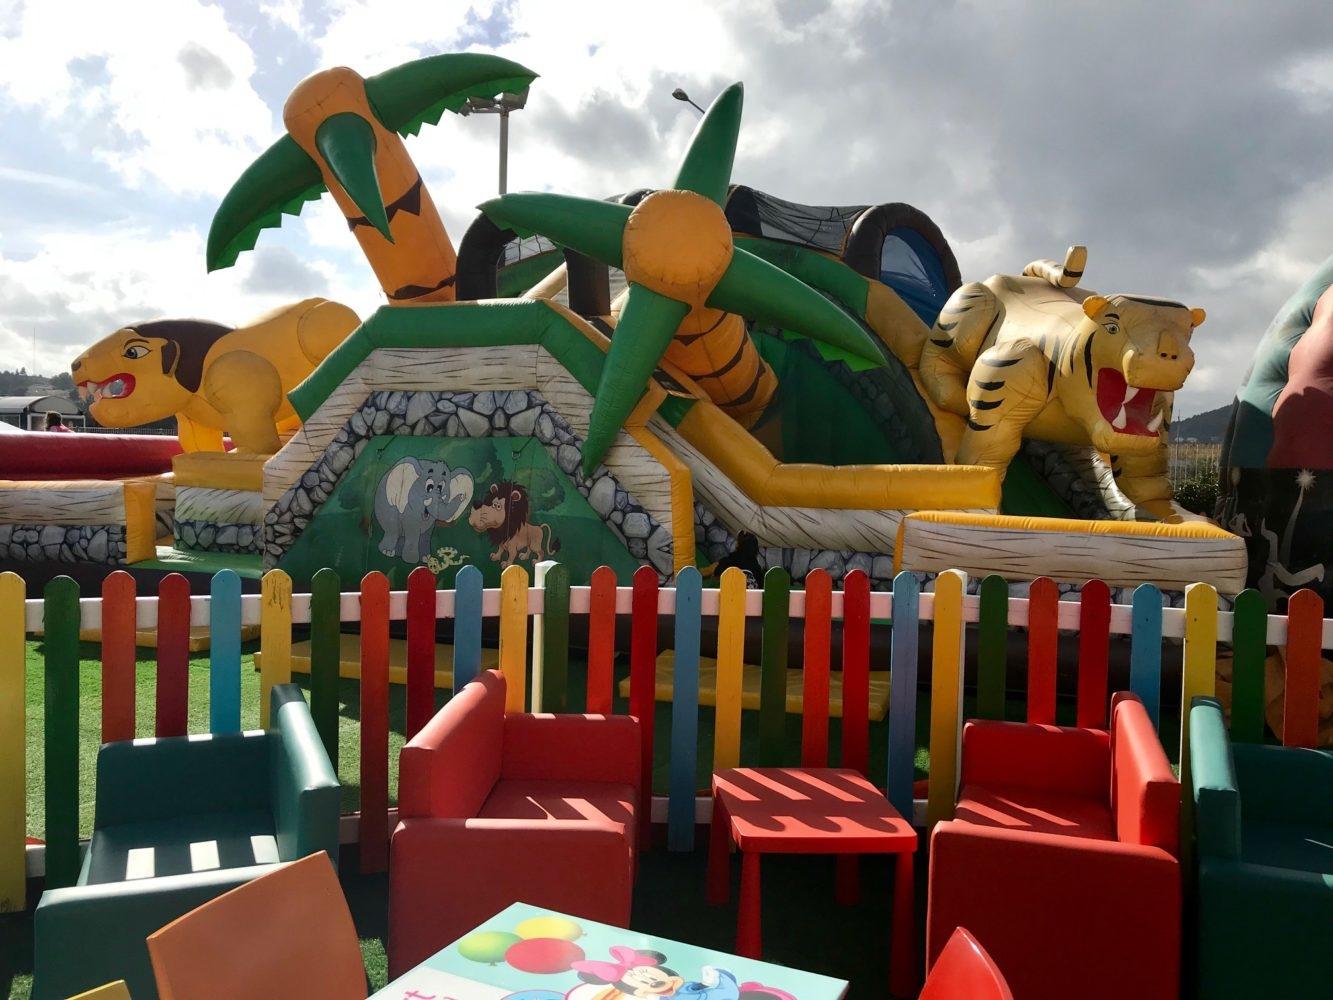 Le smart playland à Spata Athenes pour les enfants